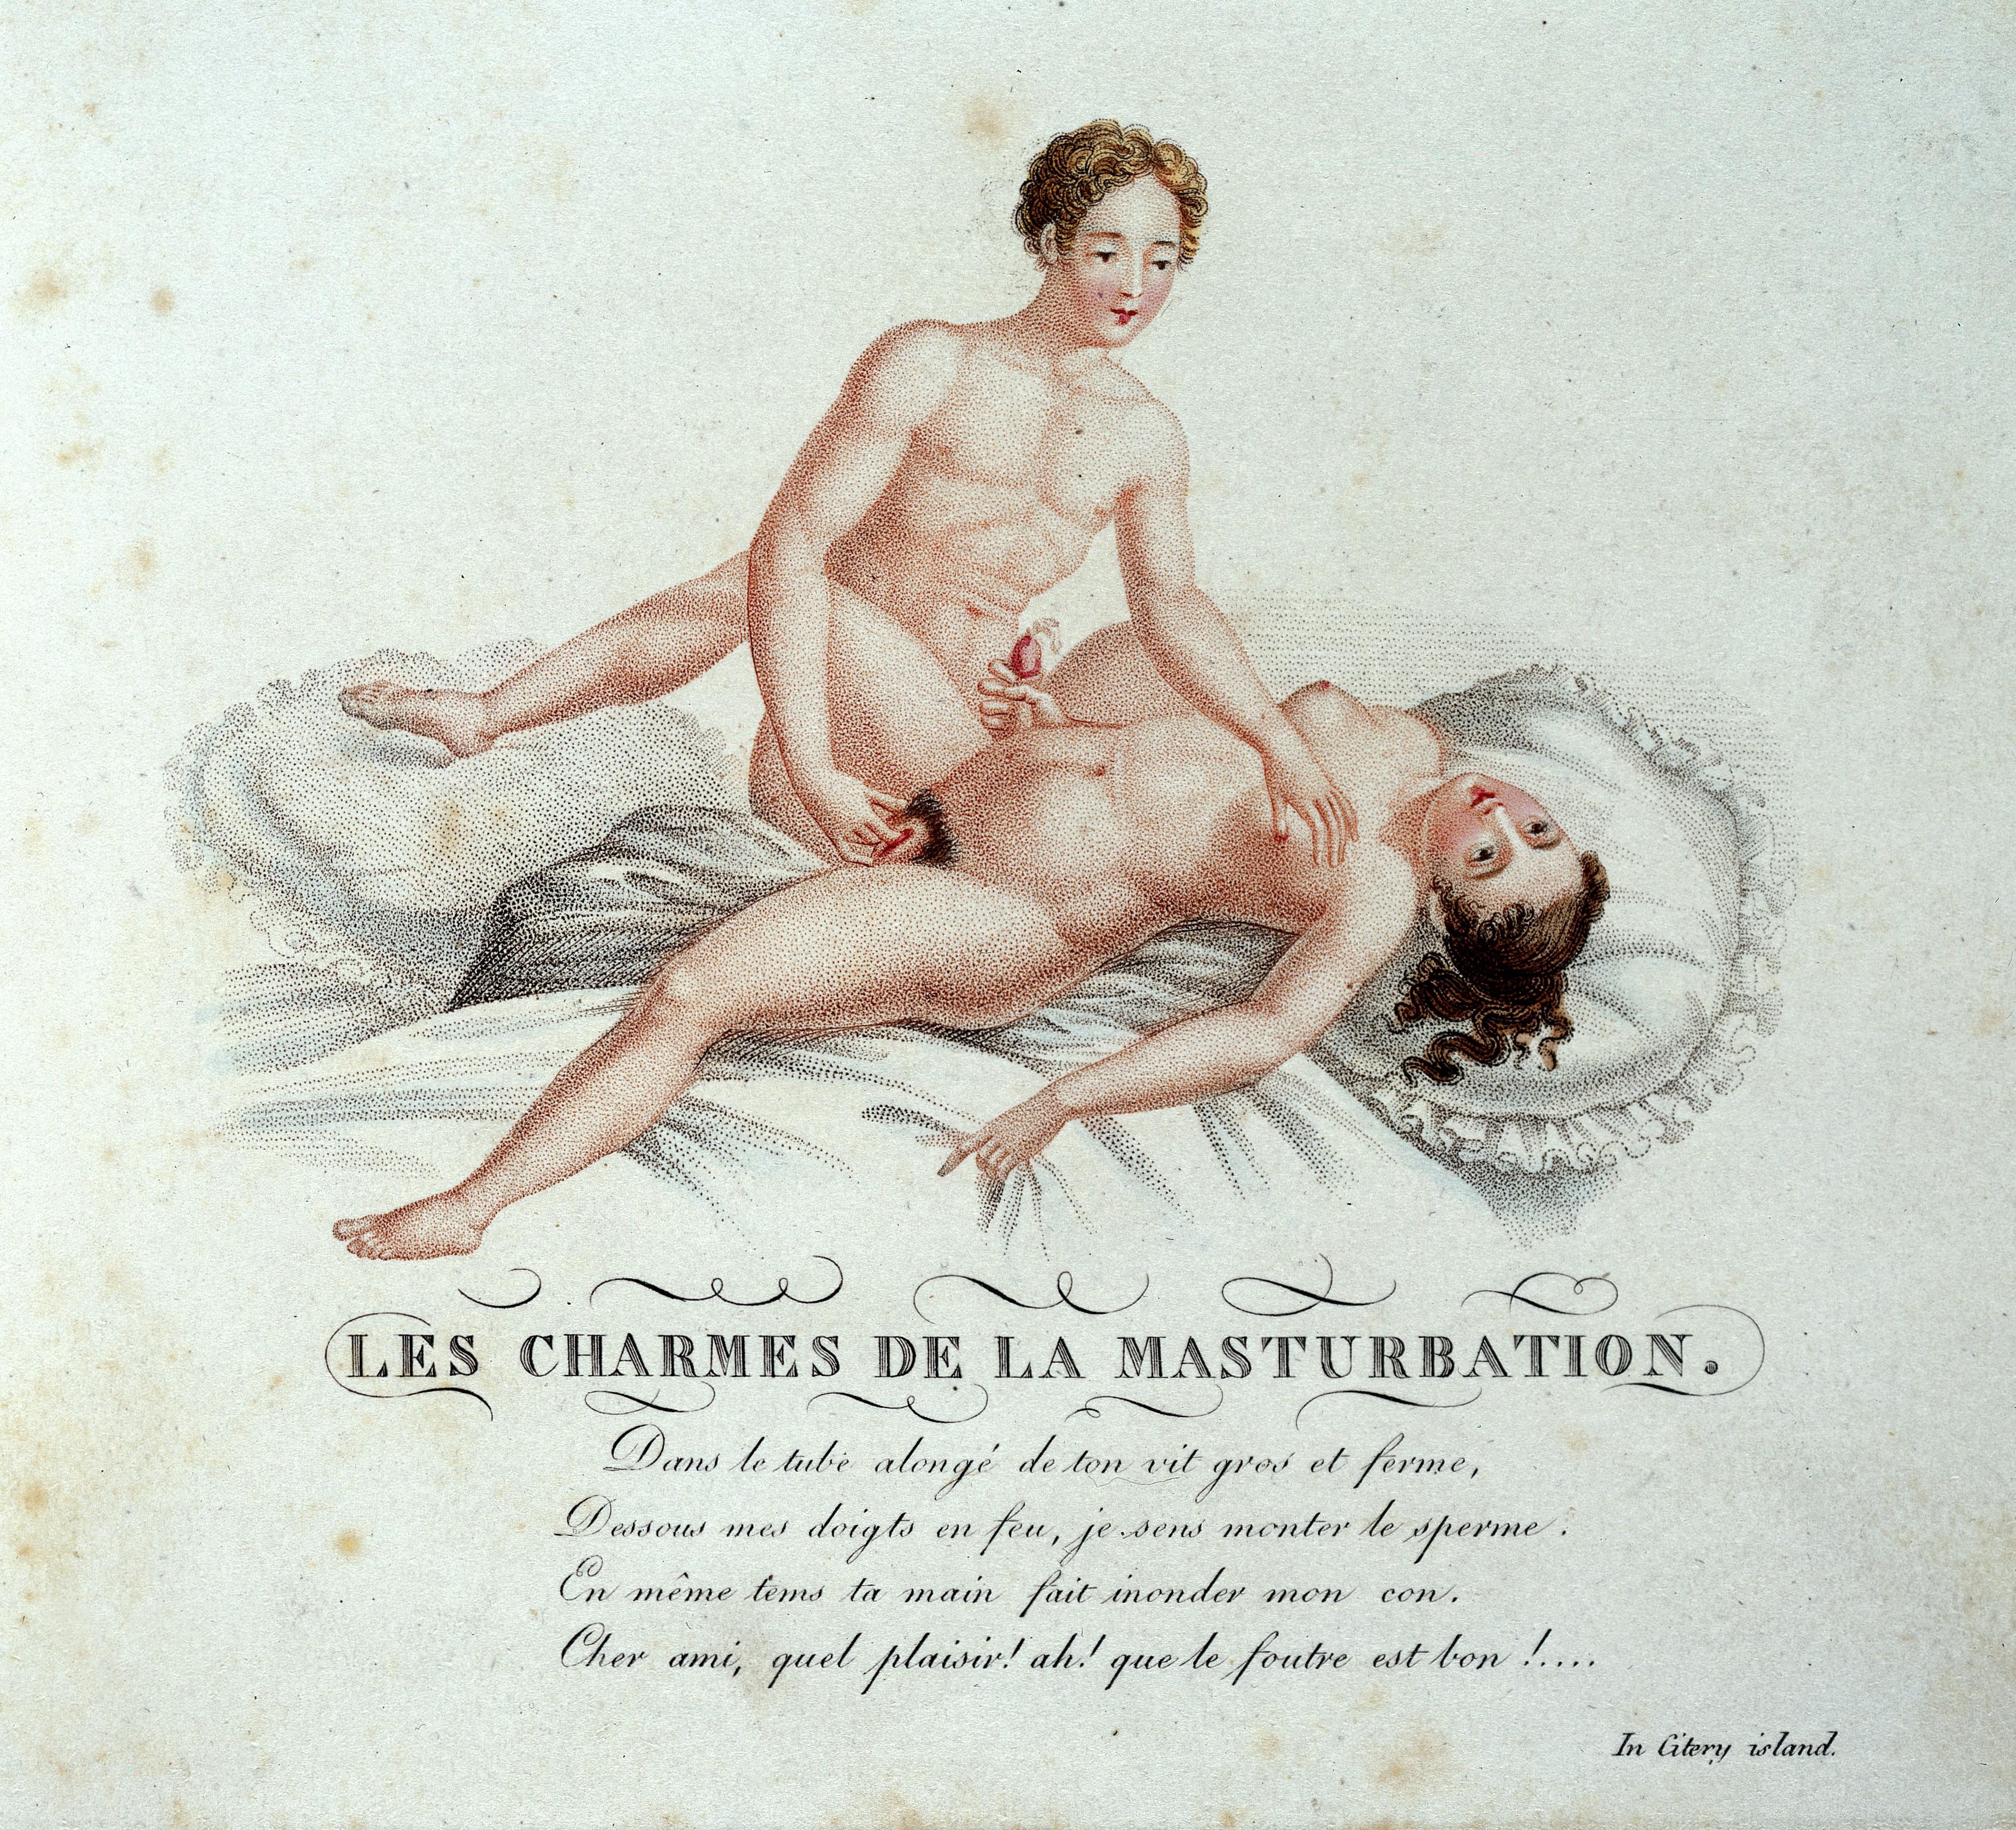 a prosztata stimulálása a pénisz által korai erekciós tabletták